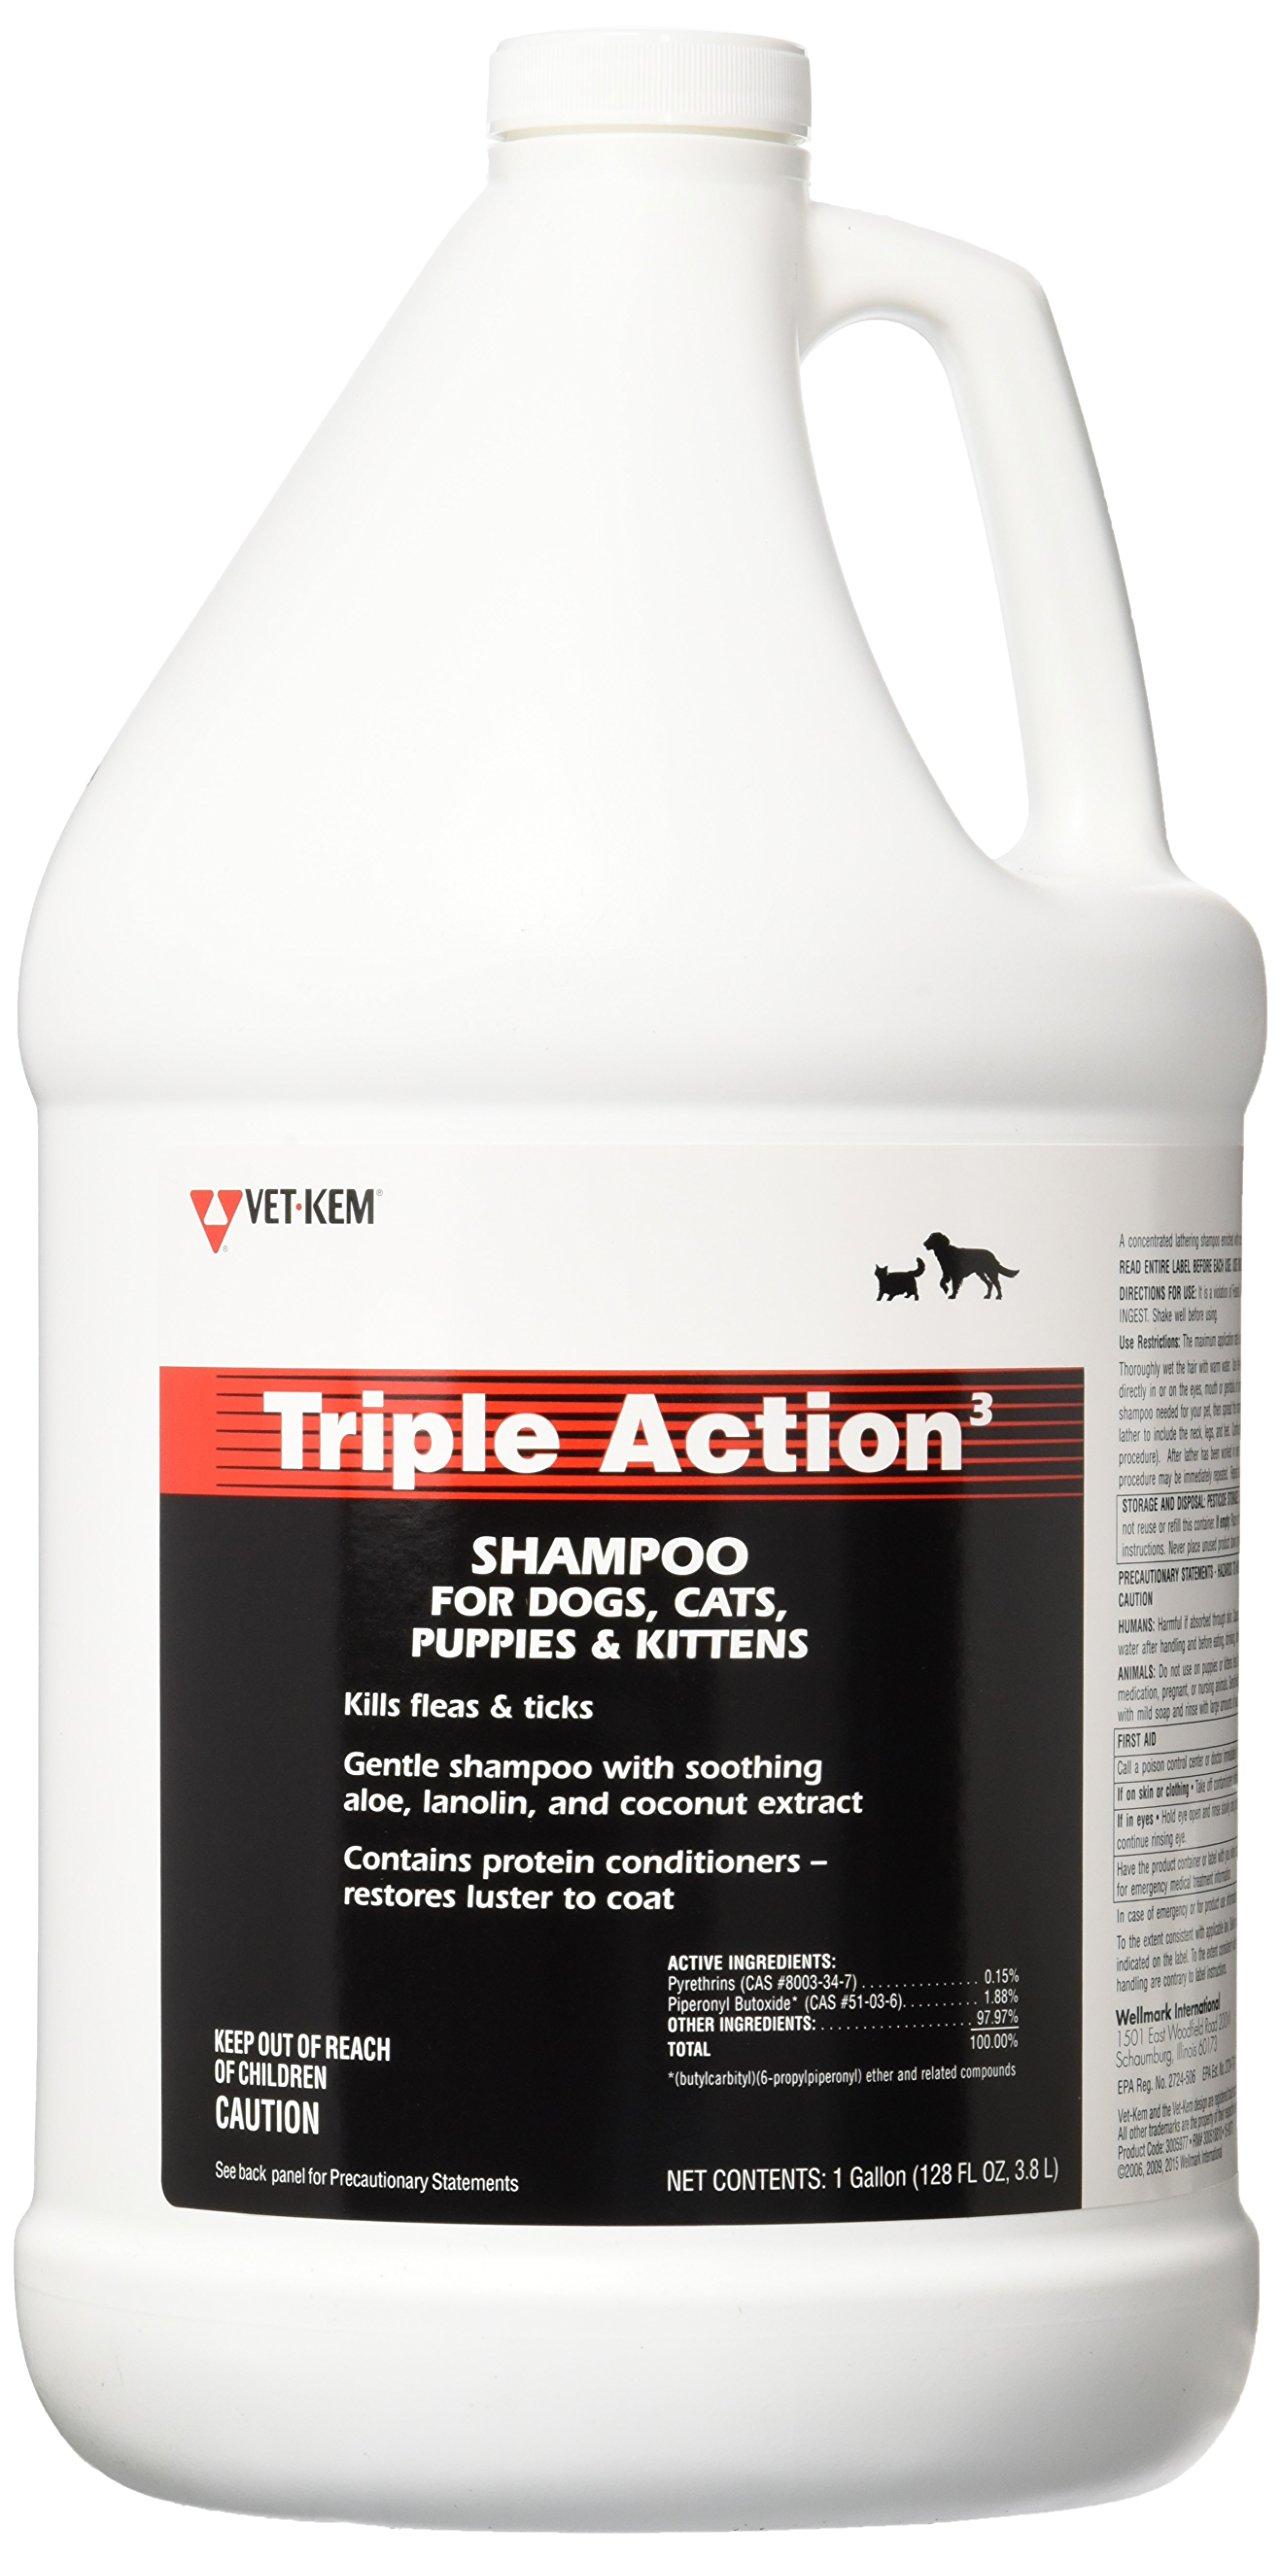 VET-KEM Triple Action Pet Shampoo, 1-Gallon